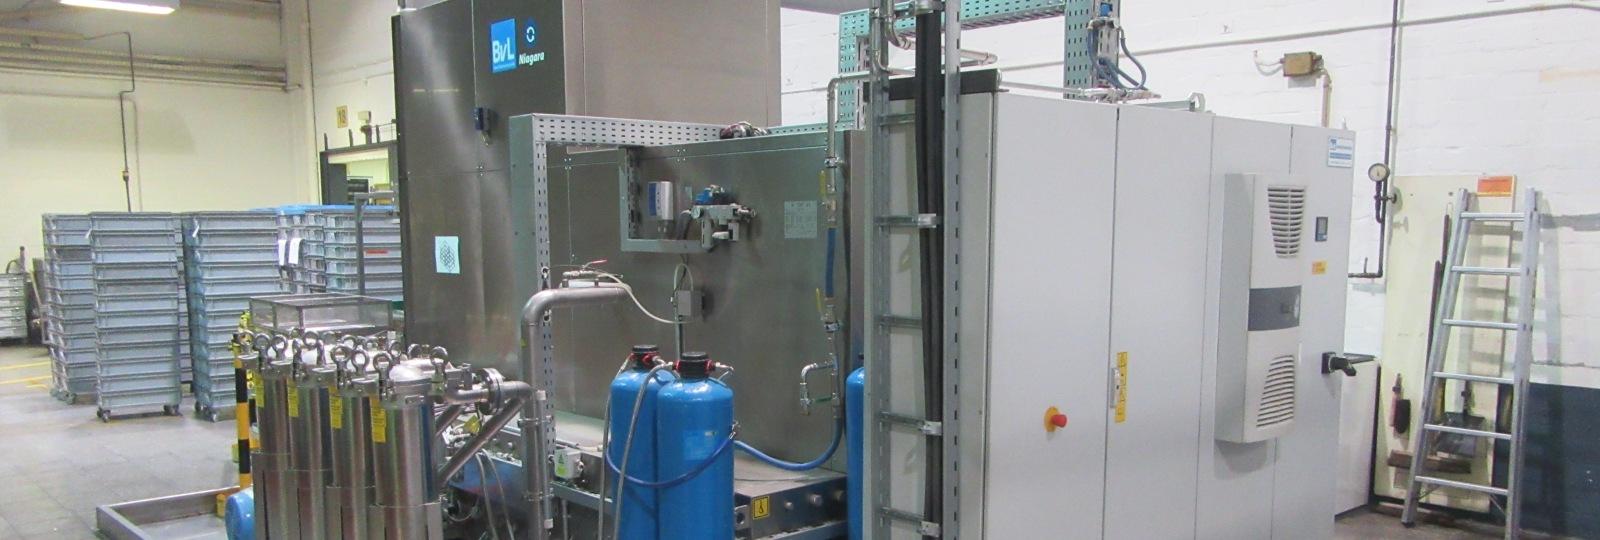 Gebrauchte BvL-Reinigungsanlage NiagaraDFS aus hochwertigen Edelstahlkomponenten für eine lange Lebensdauer